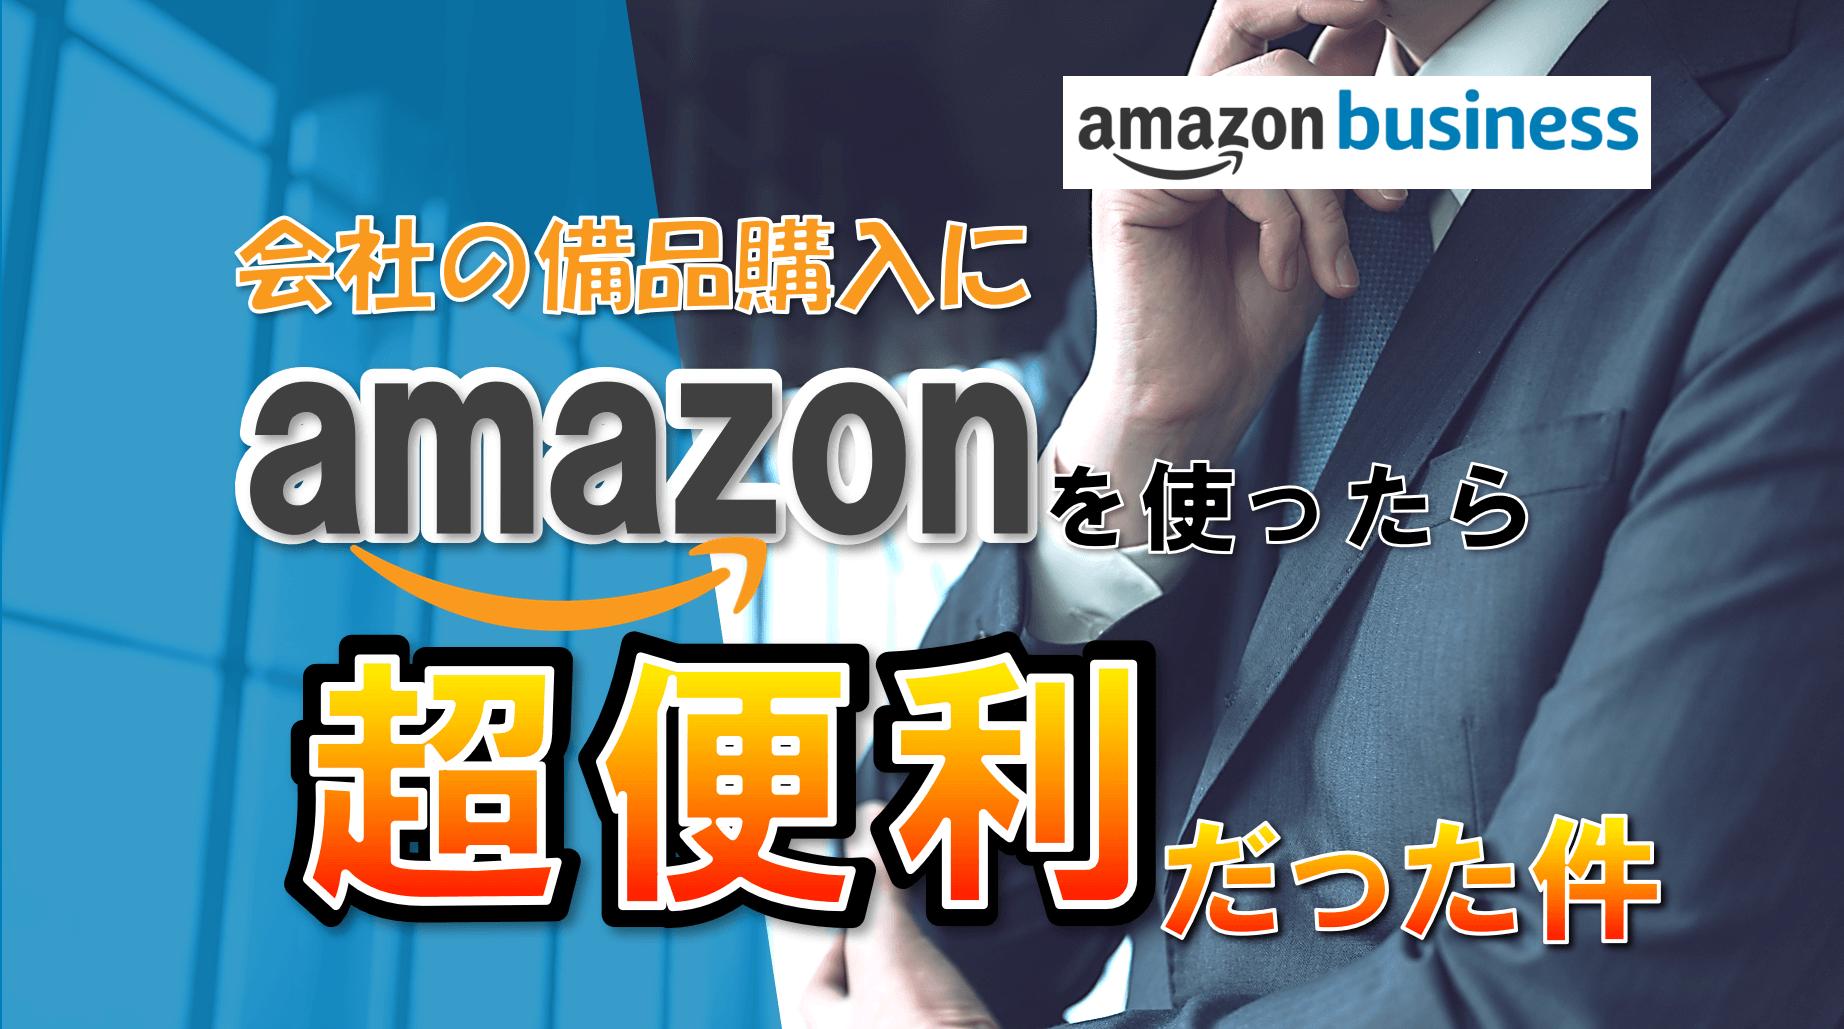 備品購入に超便利!Amazonビジネス徹底活用術